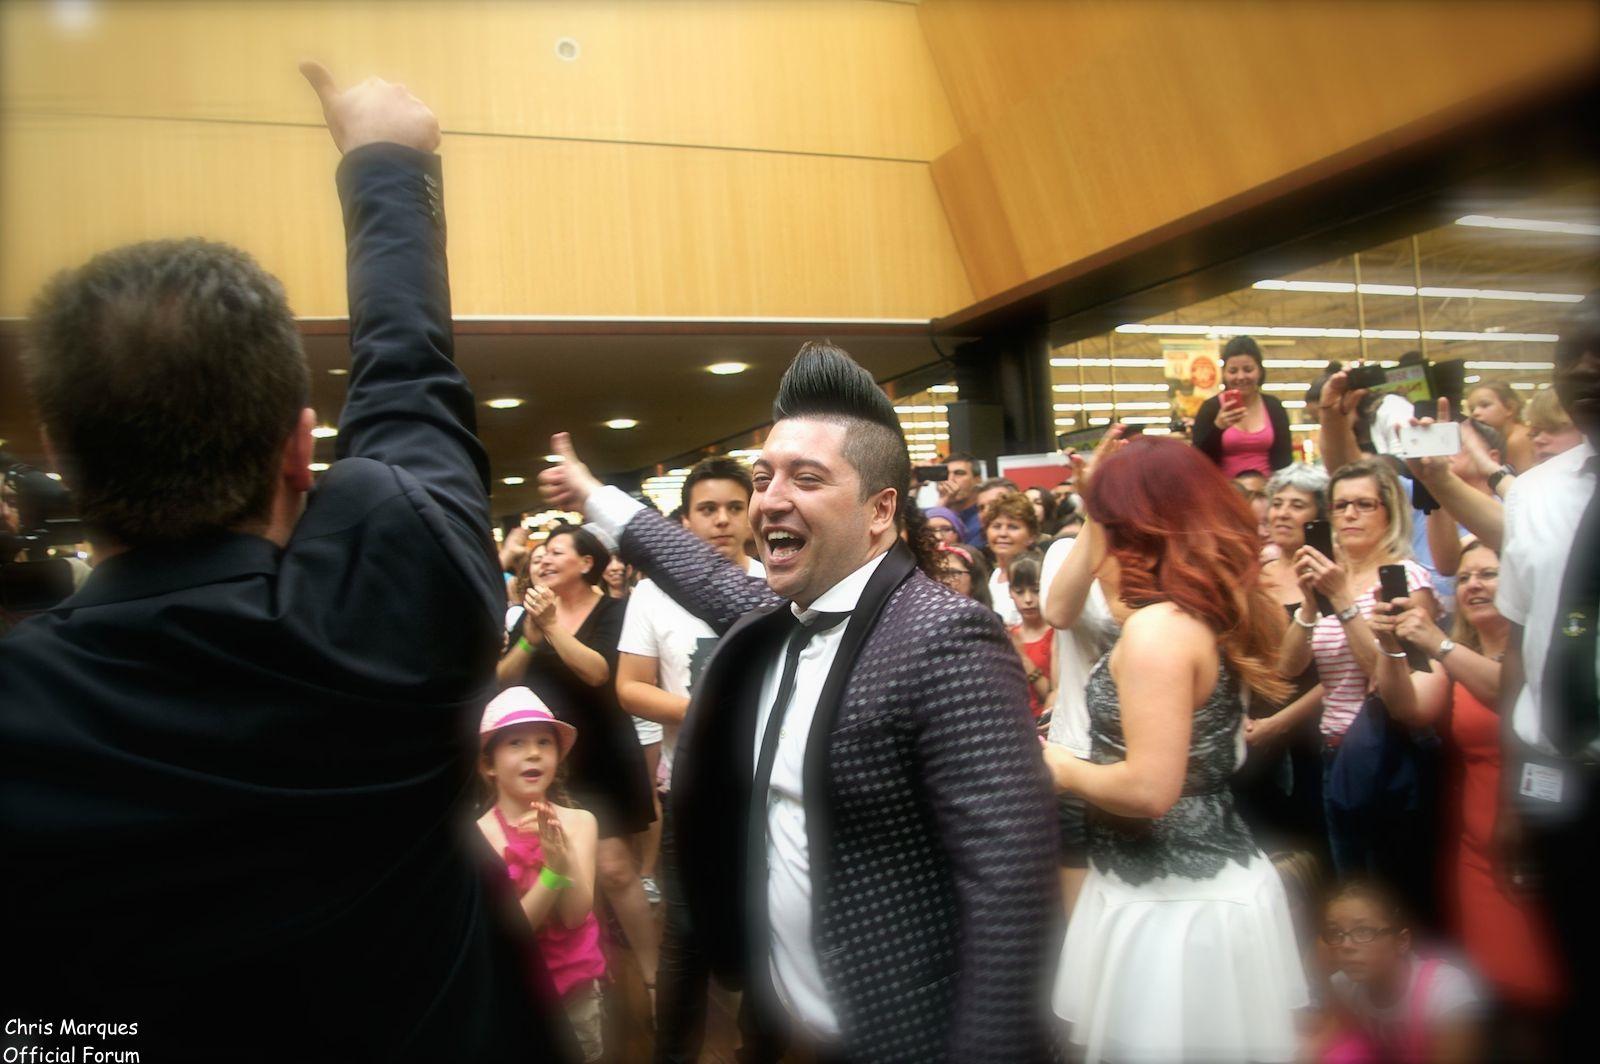 [14.06.2014] Evénement à #Colmar Chris Marques et Jaclyn Spencer pour un Flashmob/Cours de Danse/Dédicaces exceptionnels le tout organisé par la MJC de Colmar 2311